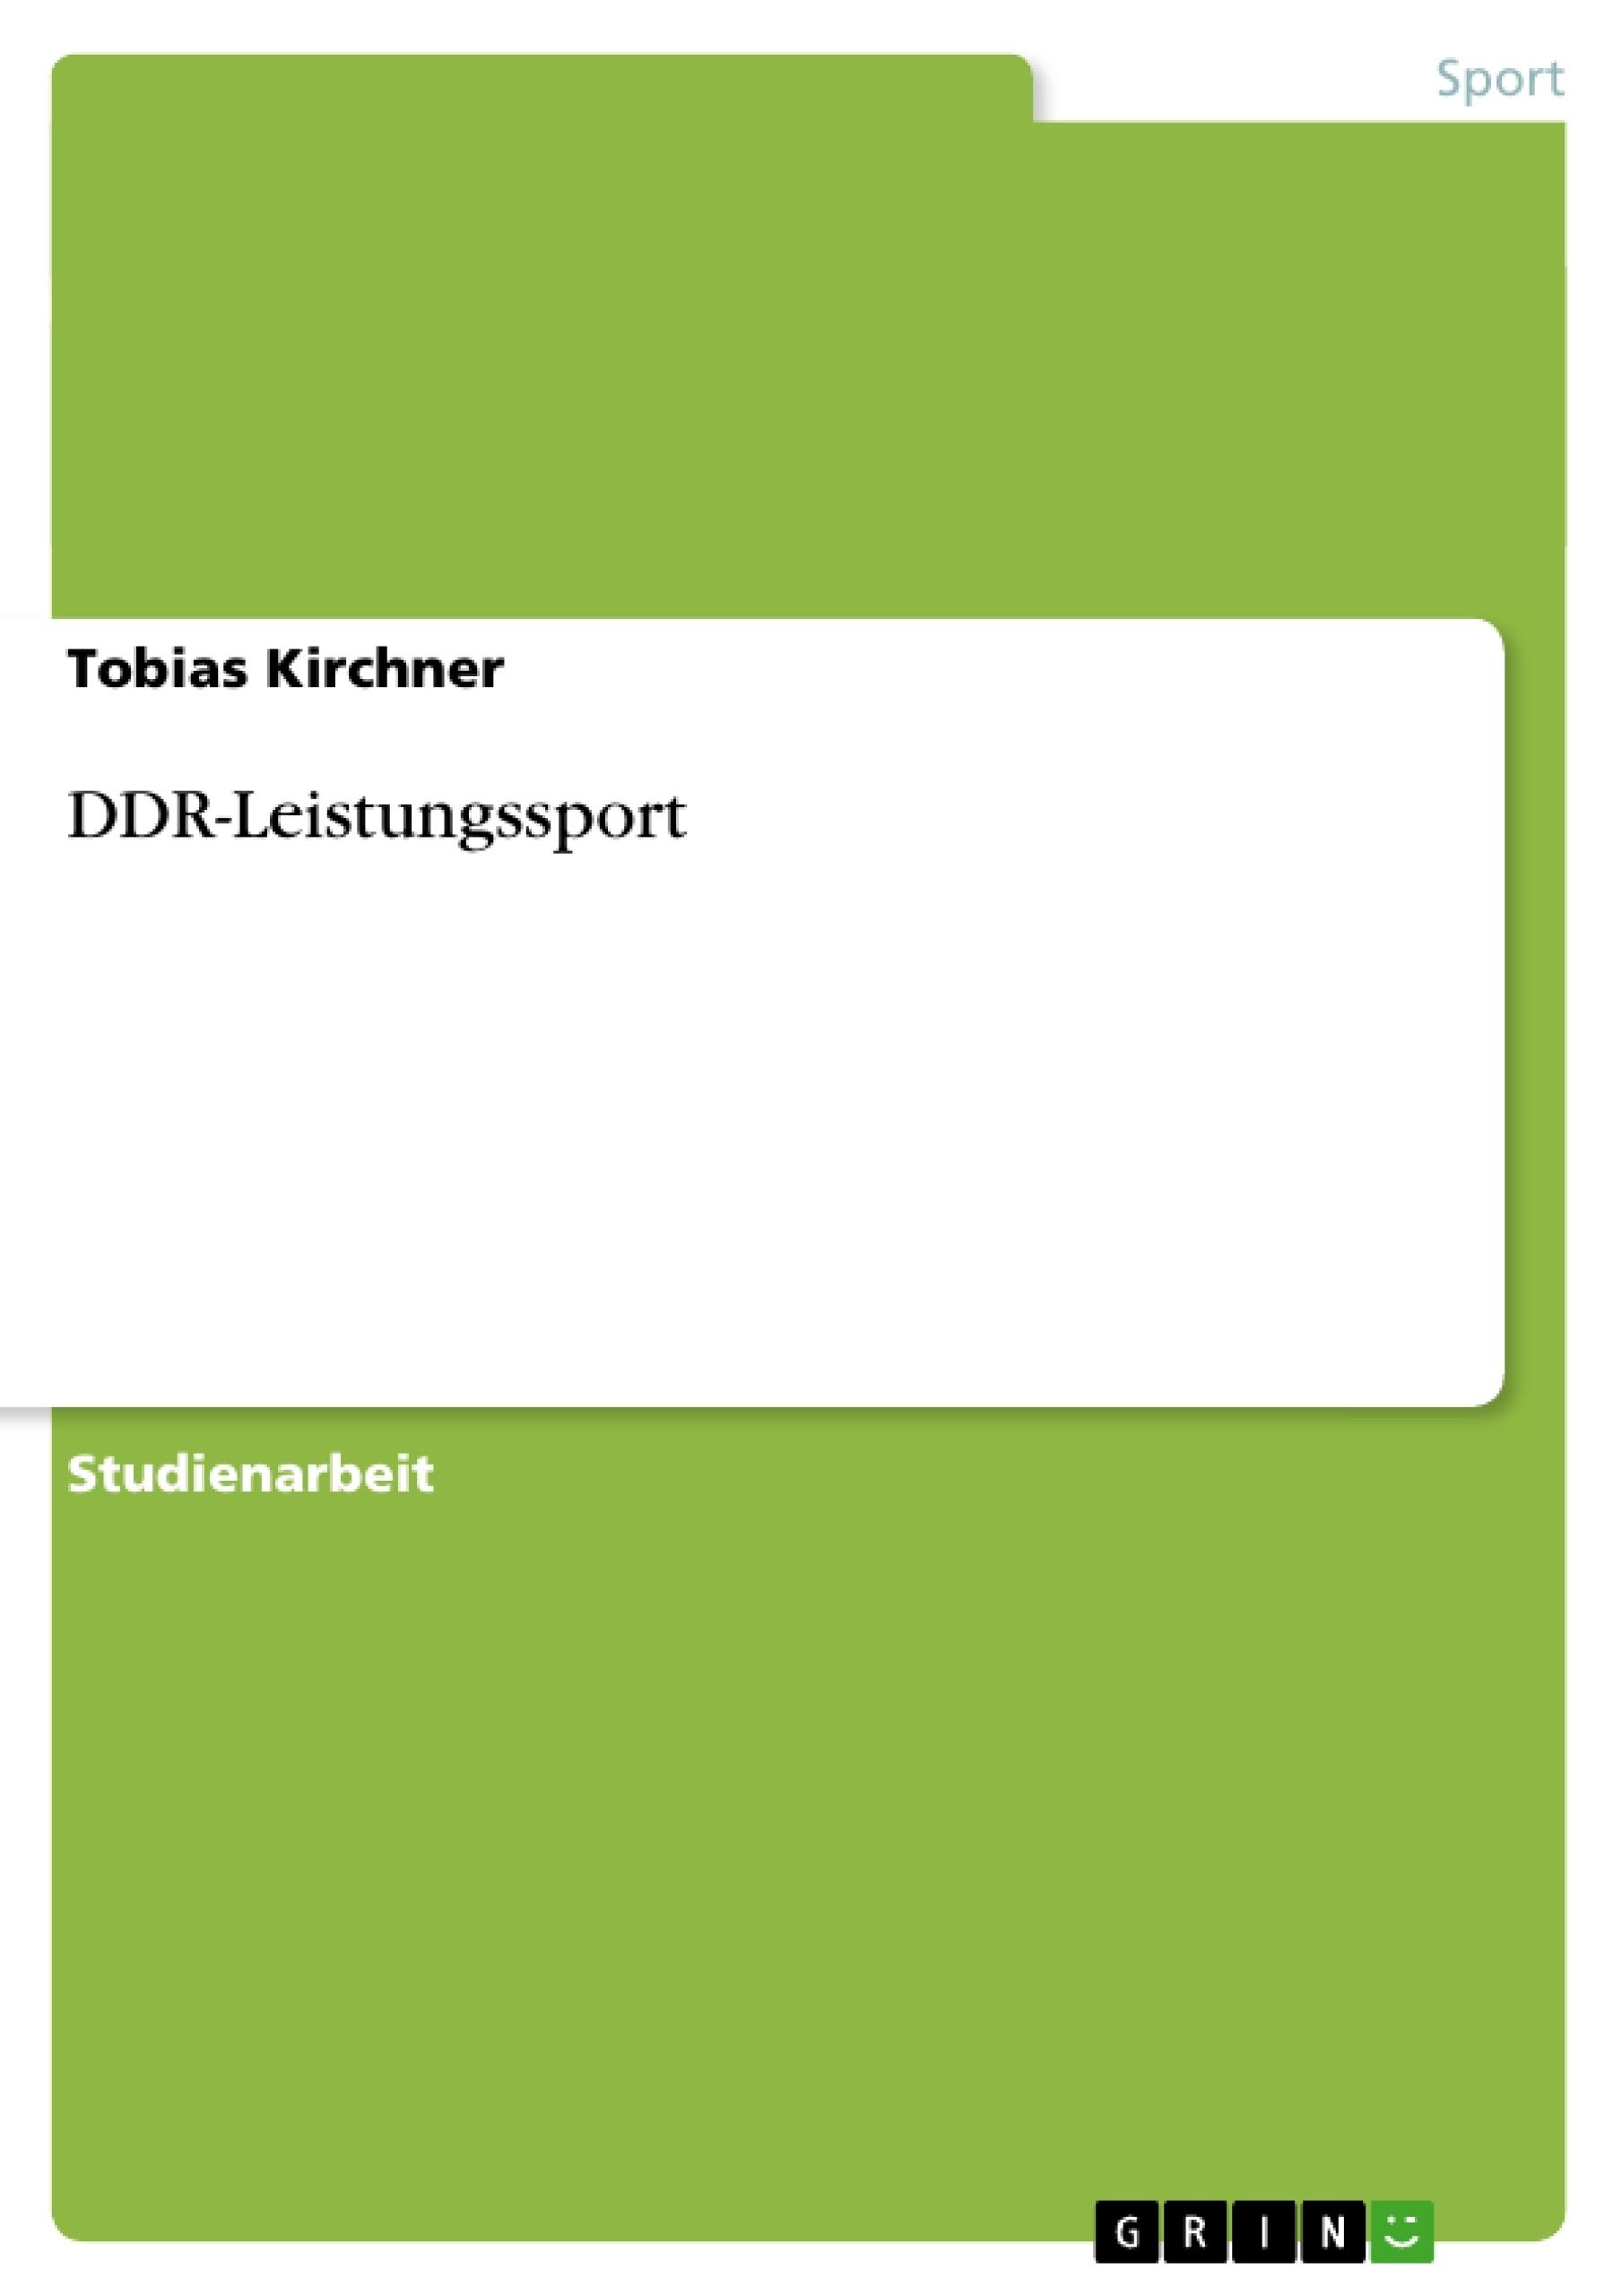 Titel: DDR-Leistungssport